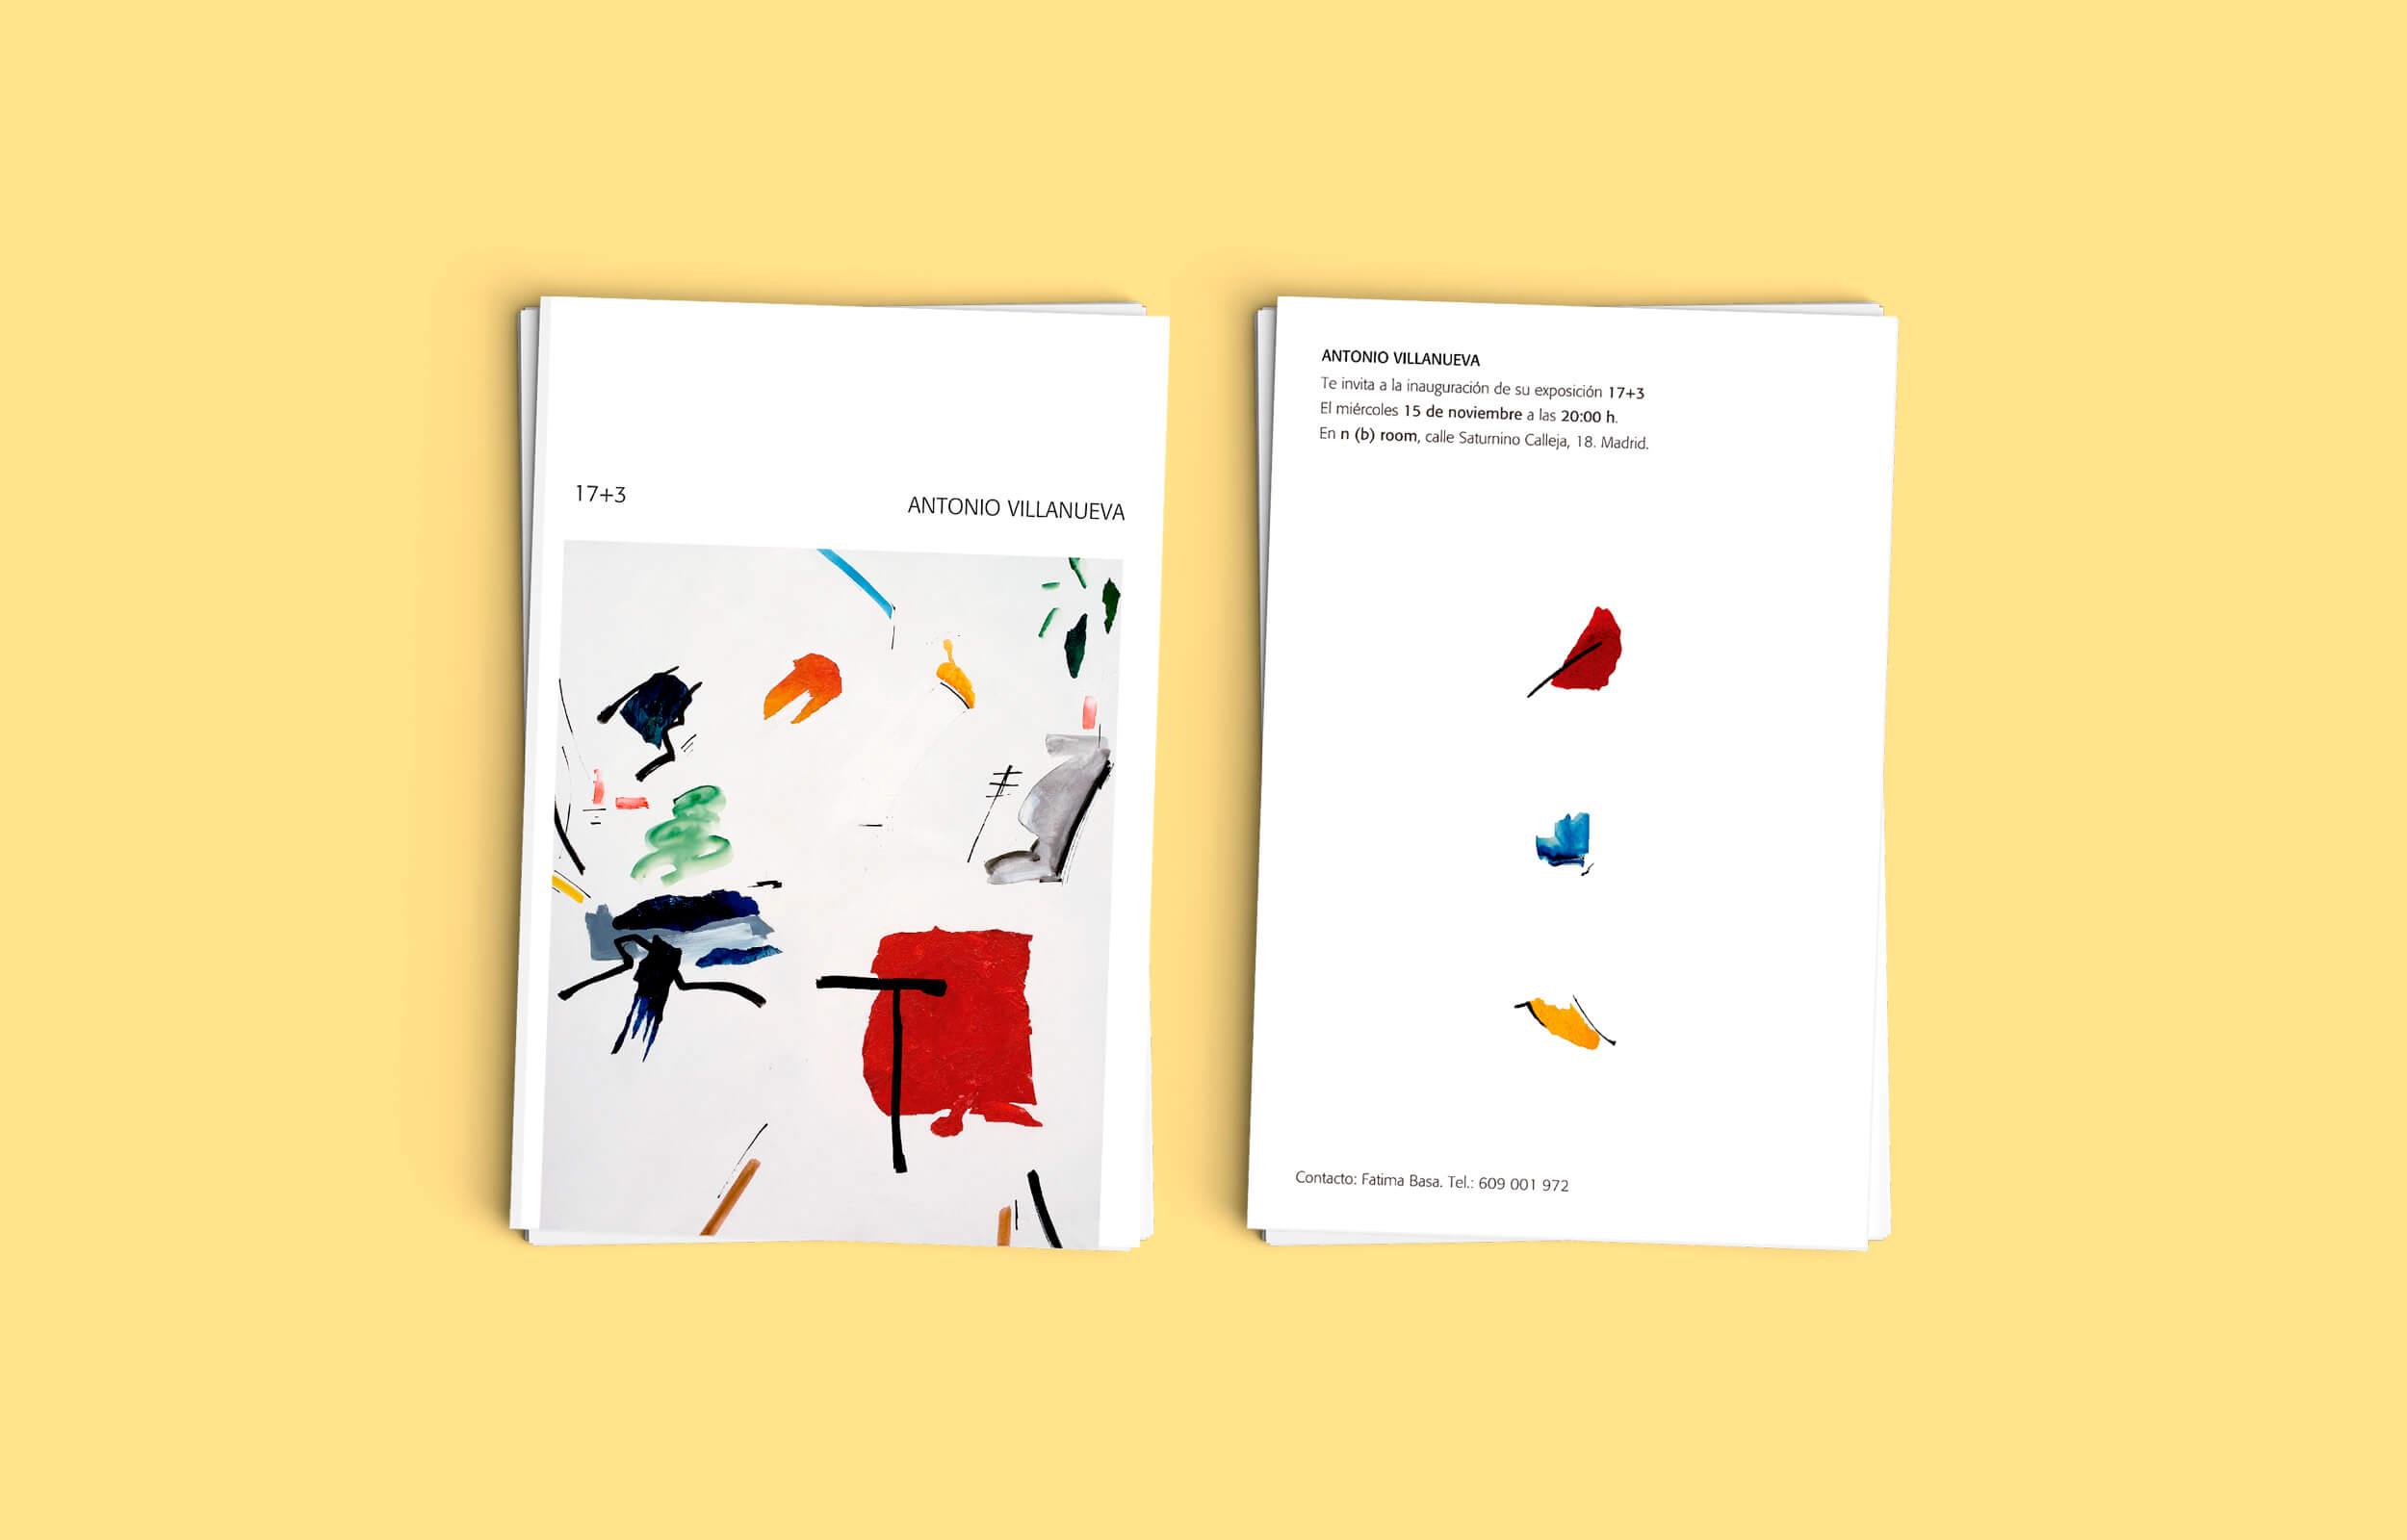 Invitaciones para la presentación del del libro del artista Ibicenco Antonio Villanueva